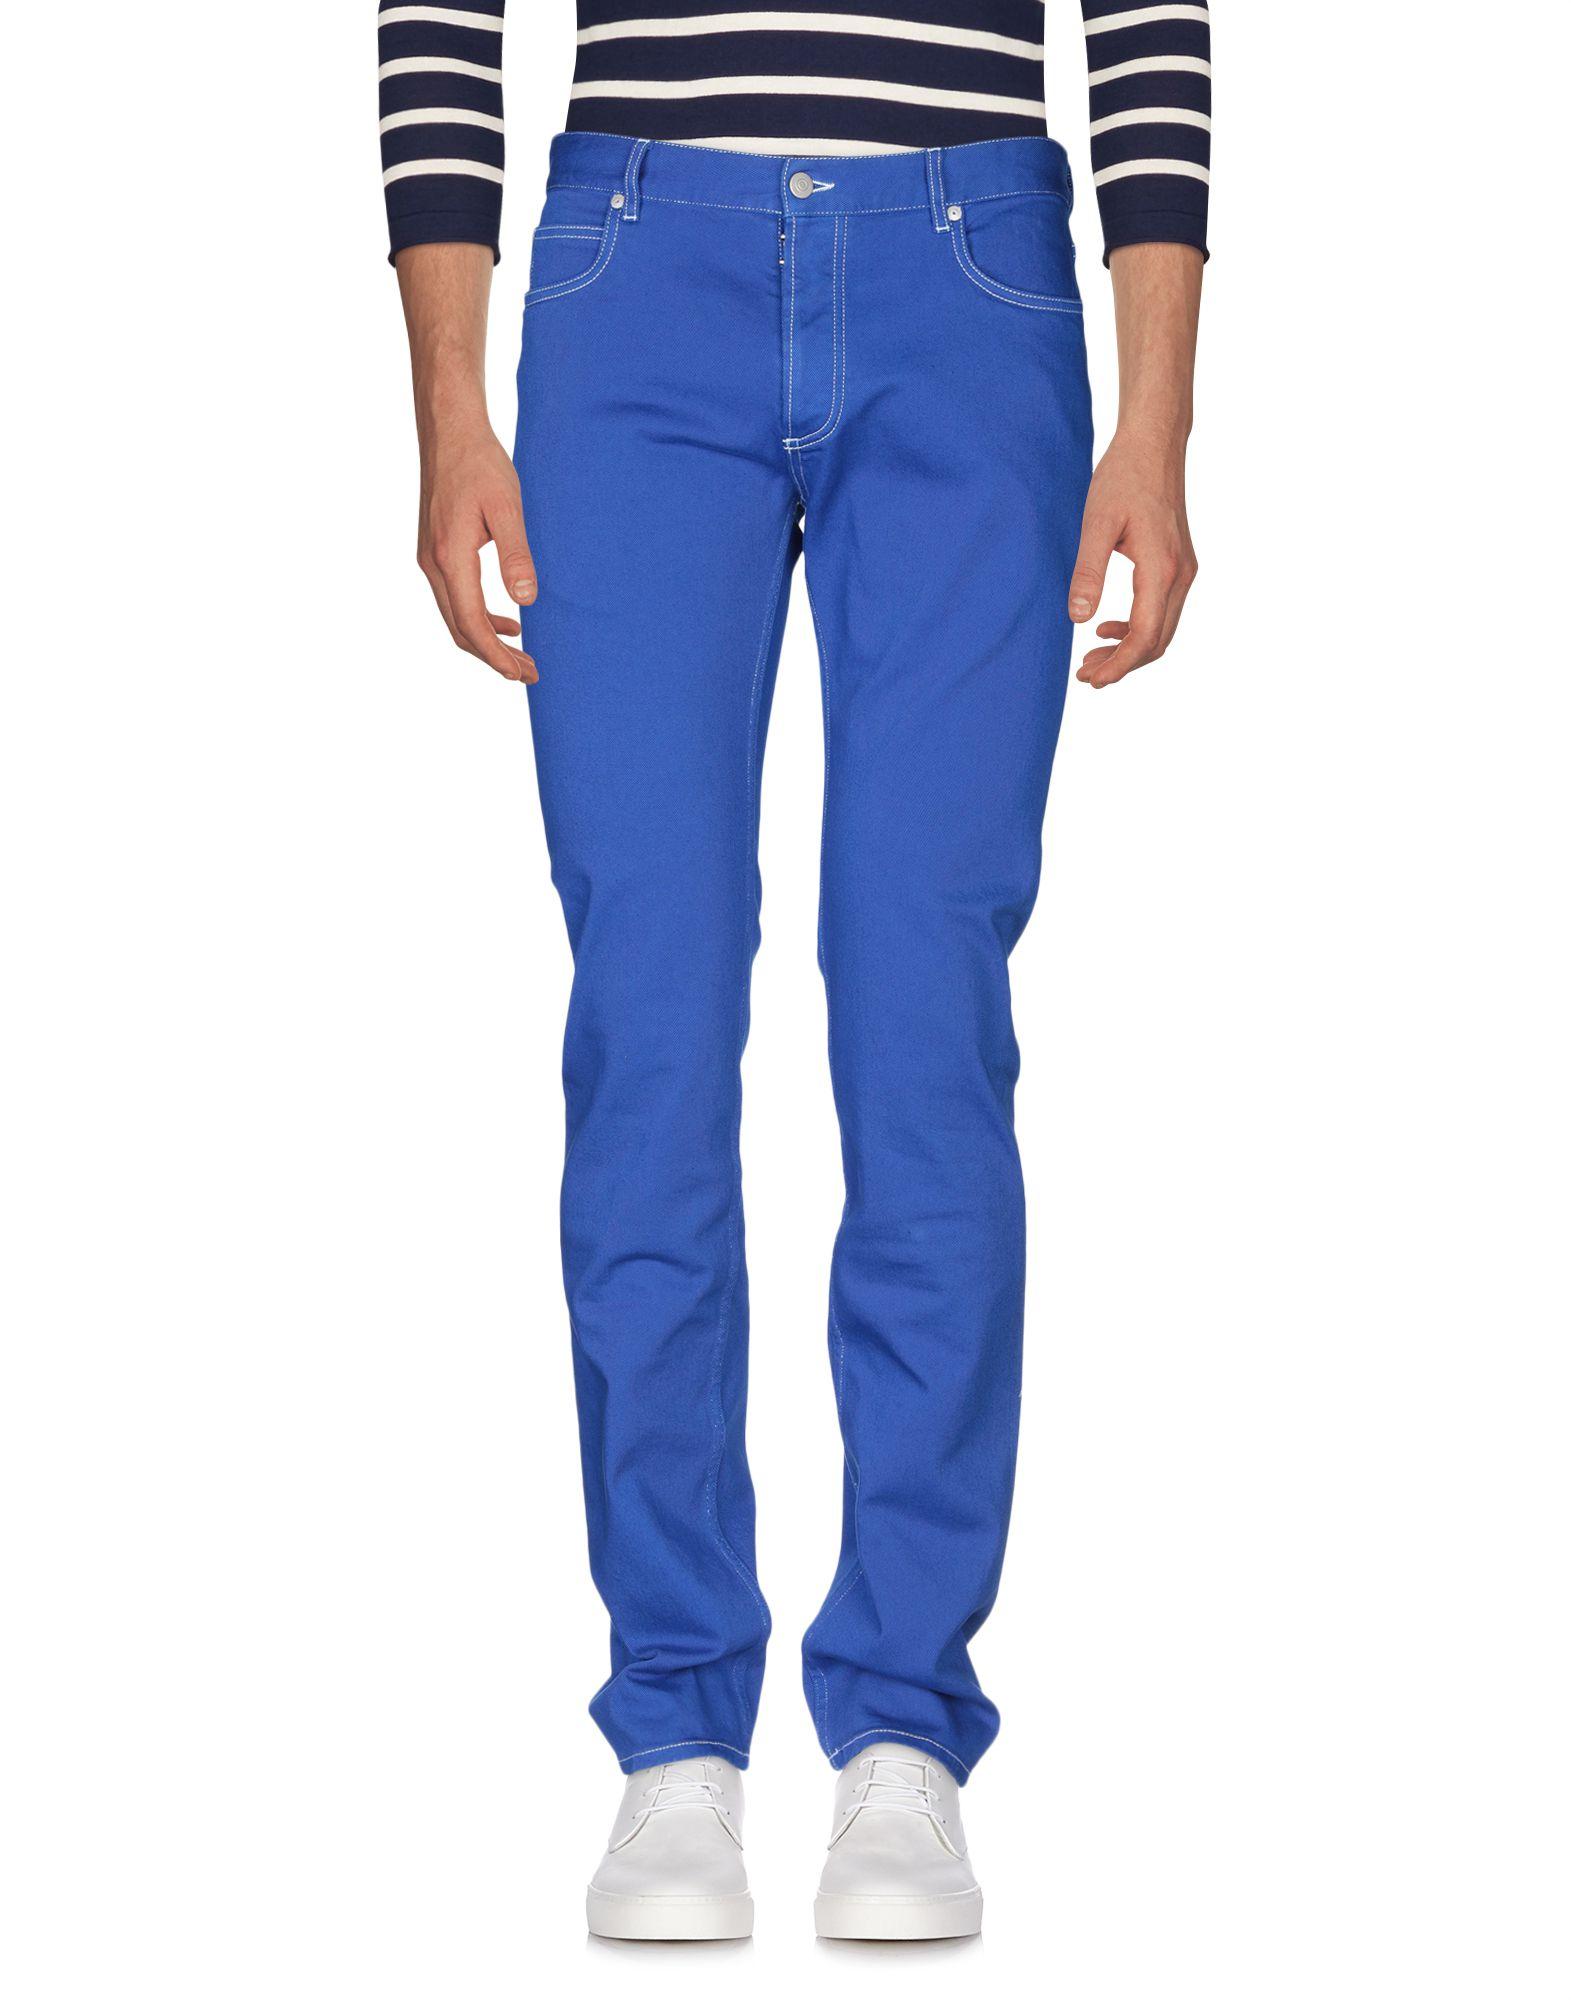 青色パンツ画像